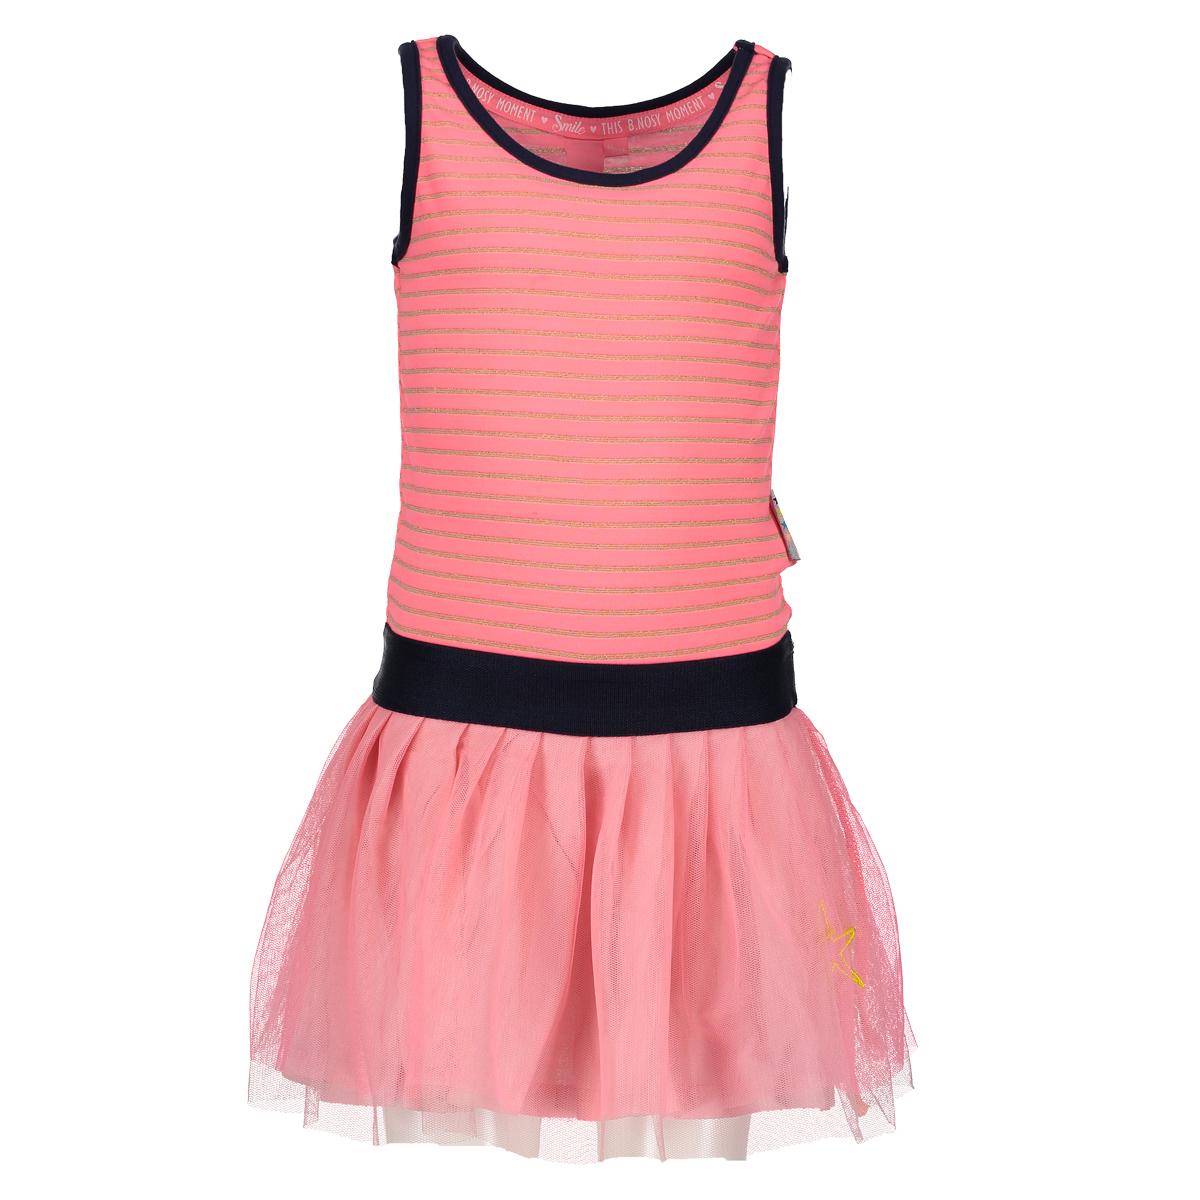 52caf7c62ec31d De leukste jurkjes voor meisjes (lente zomer)